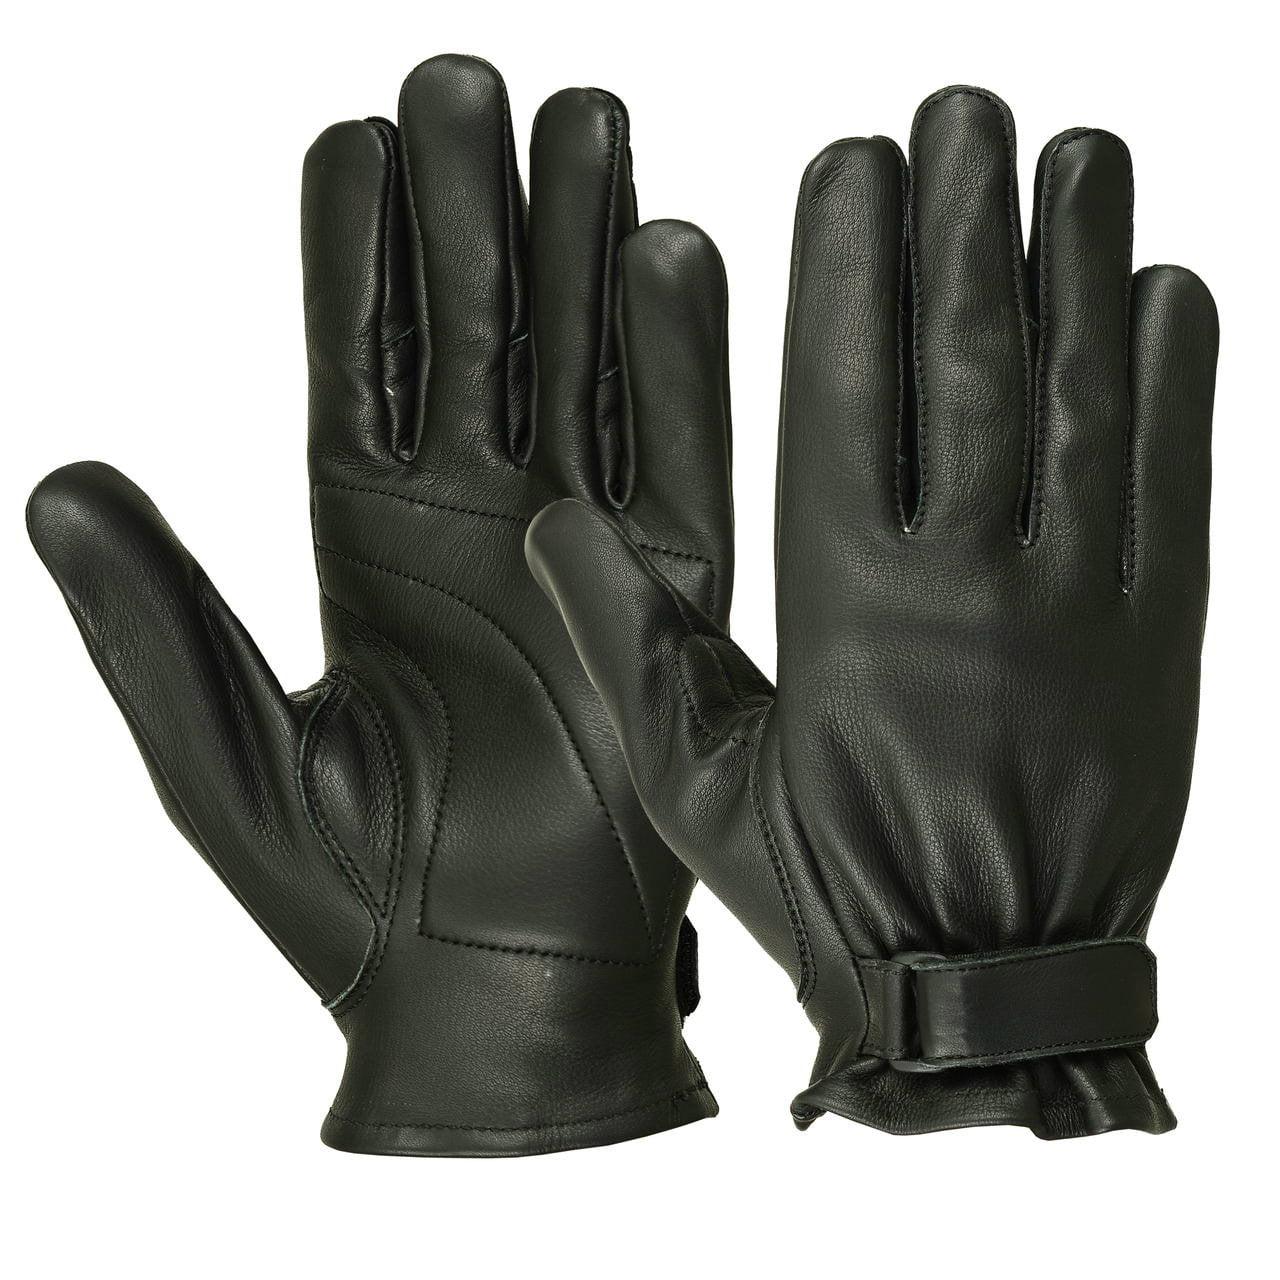 Men's Water Resistant Deerskin Seamless Padded Palm Gloves